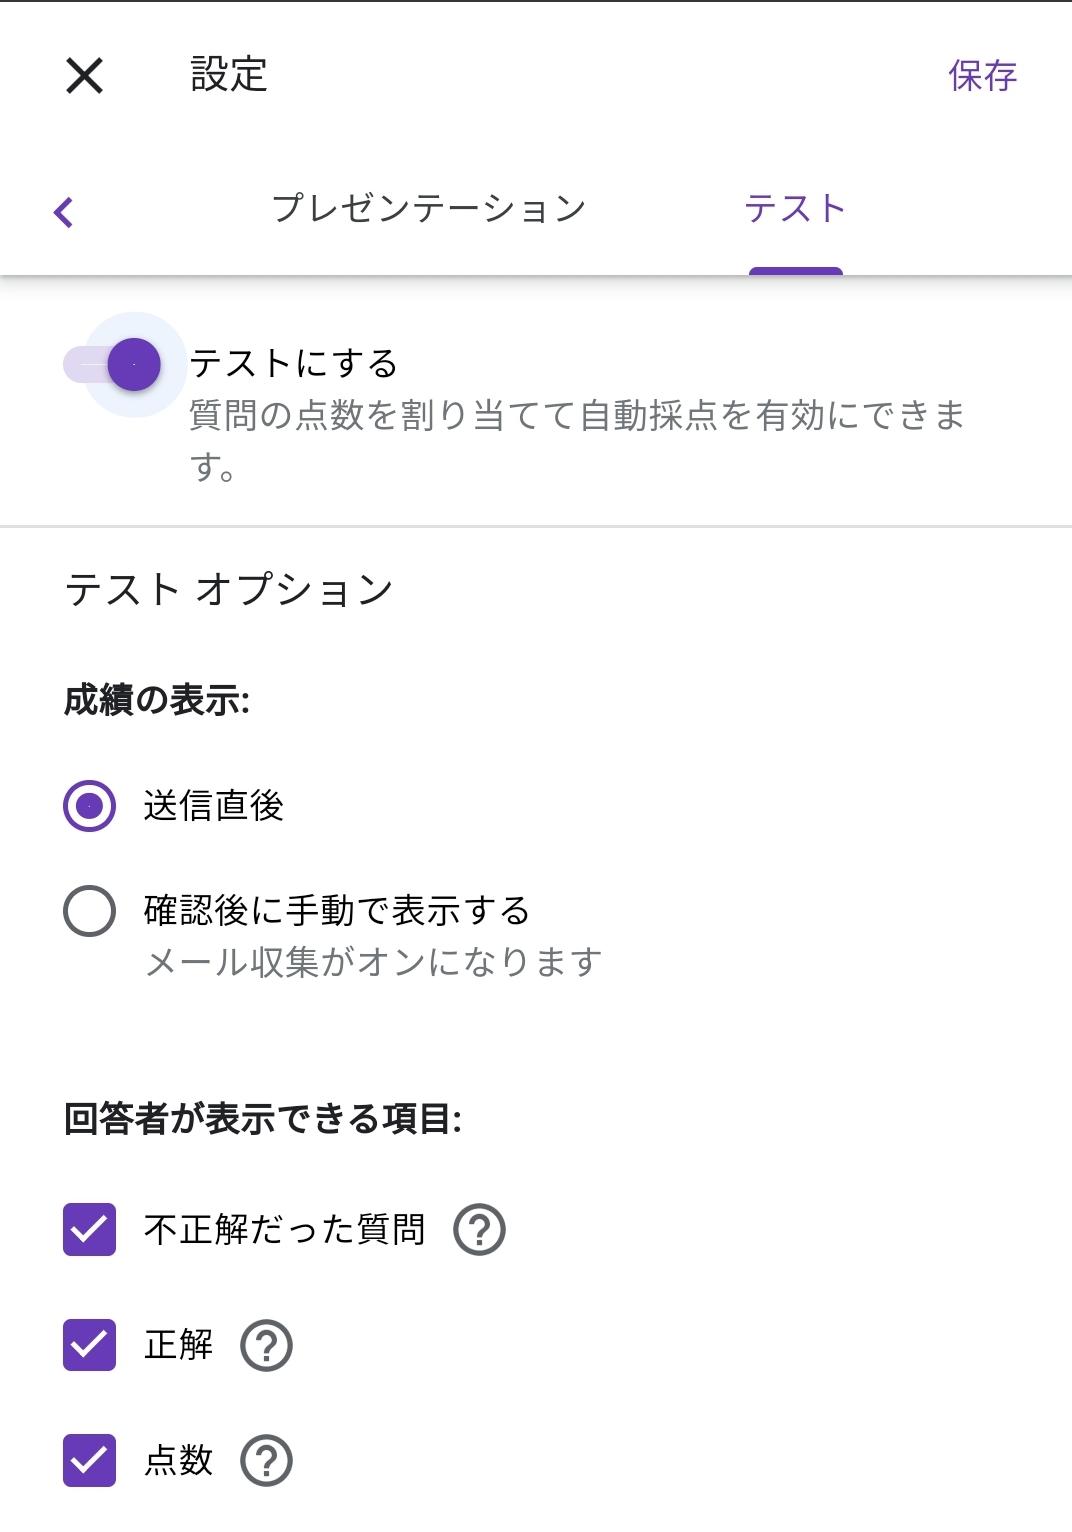 web上でのテストや問題が簡単に作れるGoogleフォームが素晴らしい